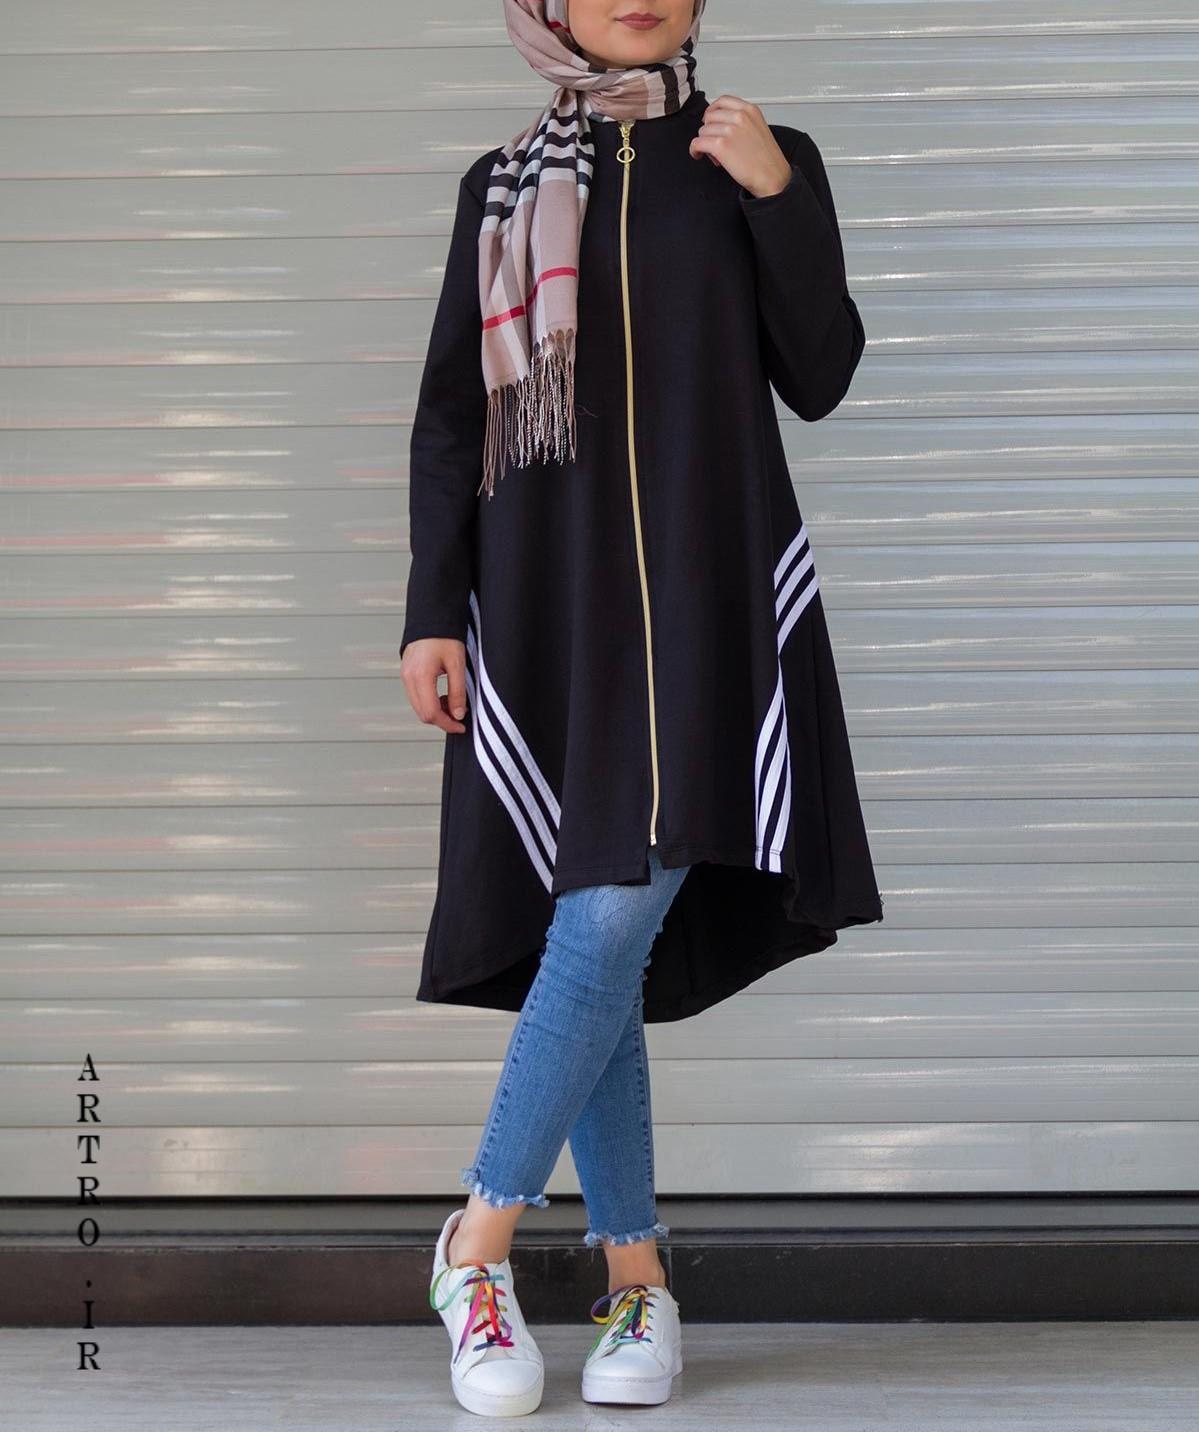 مدل مانتوی عید دخترانه